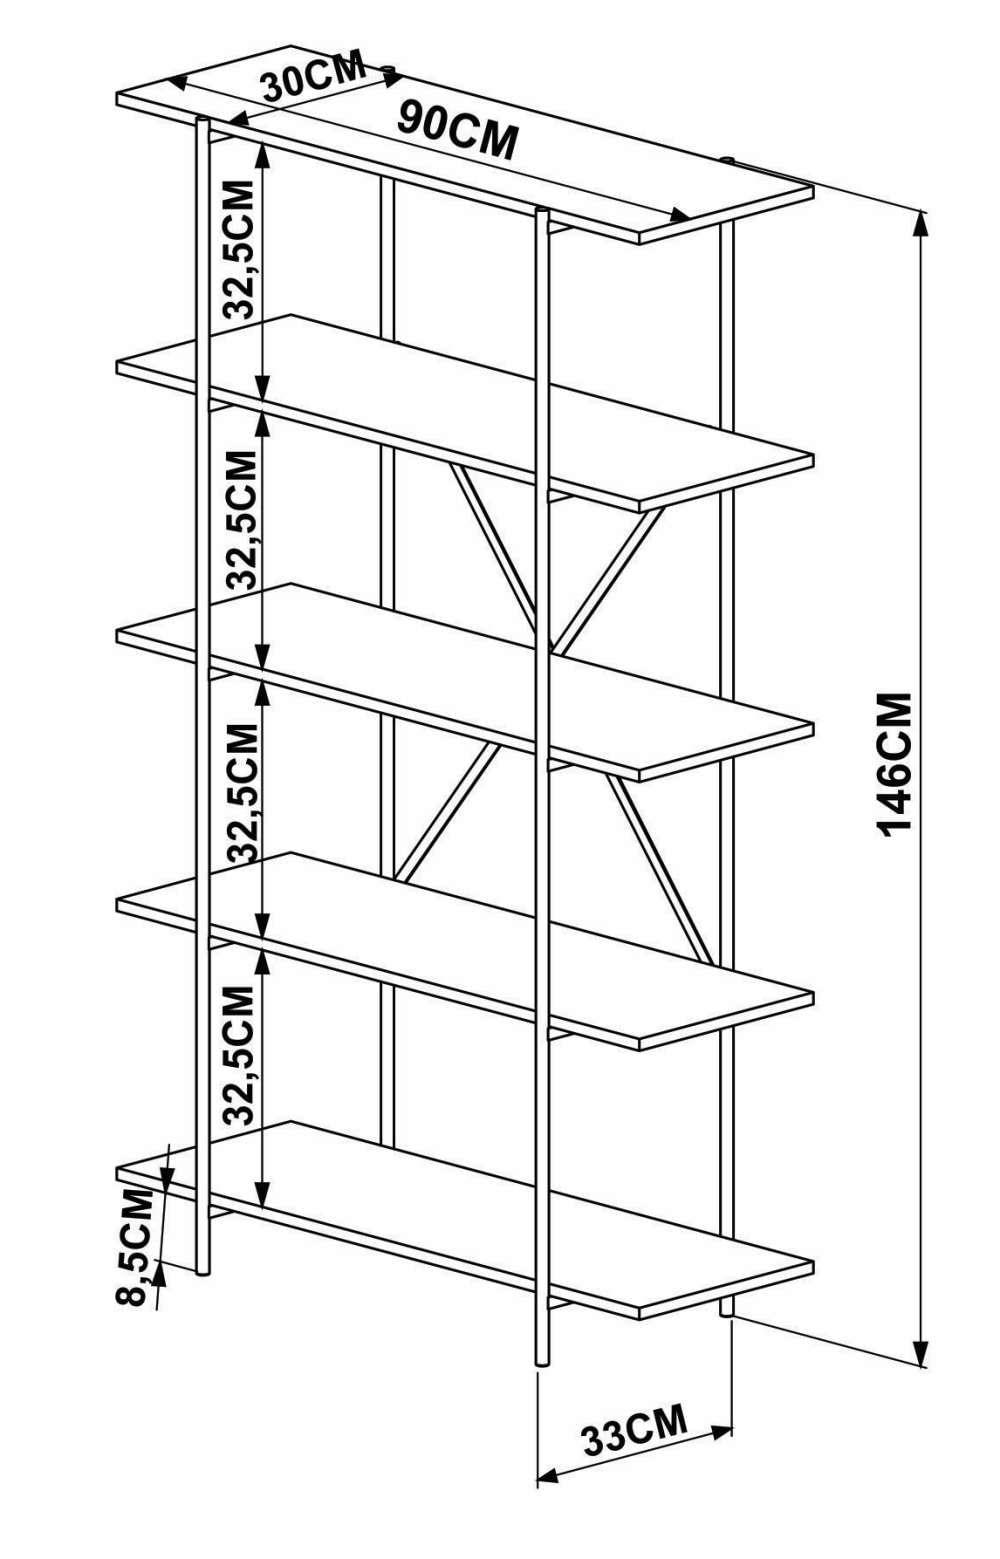 Estante Kea 5 Prateleiras Cor Vermont Estrutura Cobre 90cm (Larg) - 57084